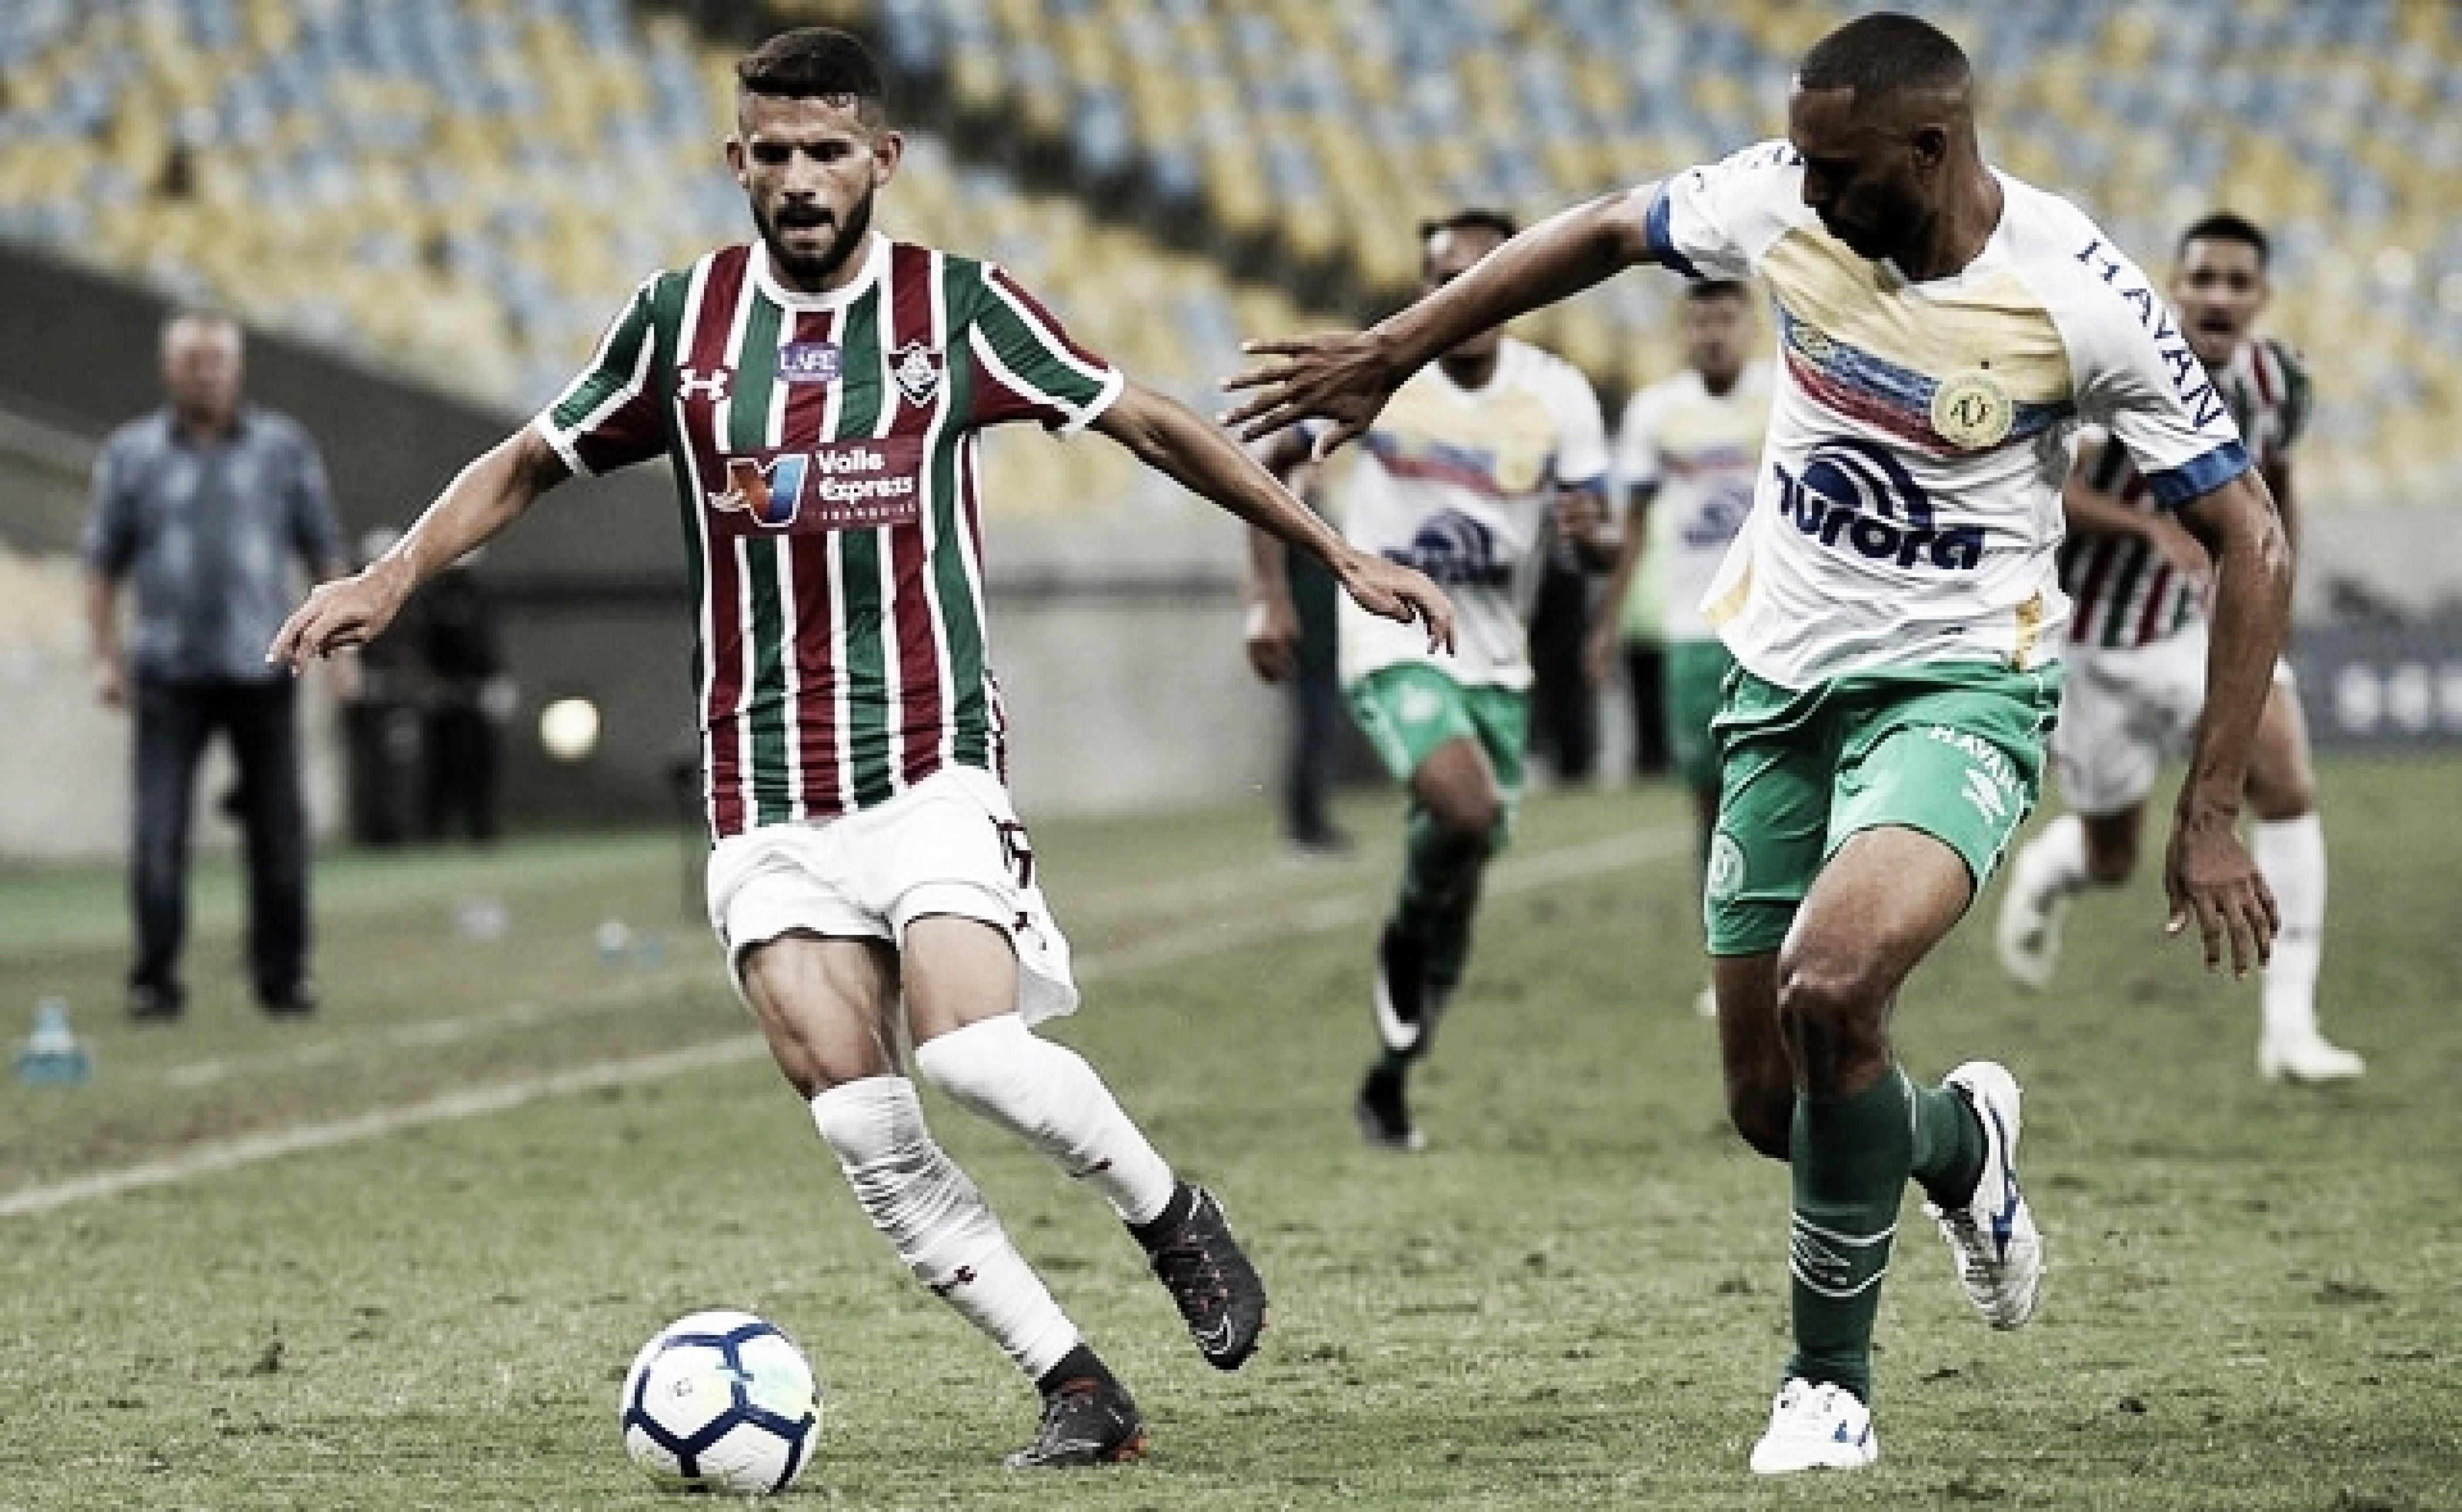 Chapecoense recebe o Fluminense buscando fugir da zona de rebaixamento